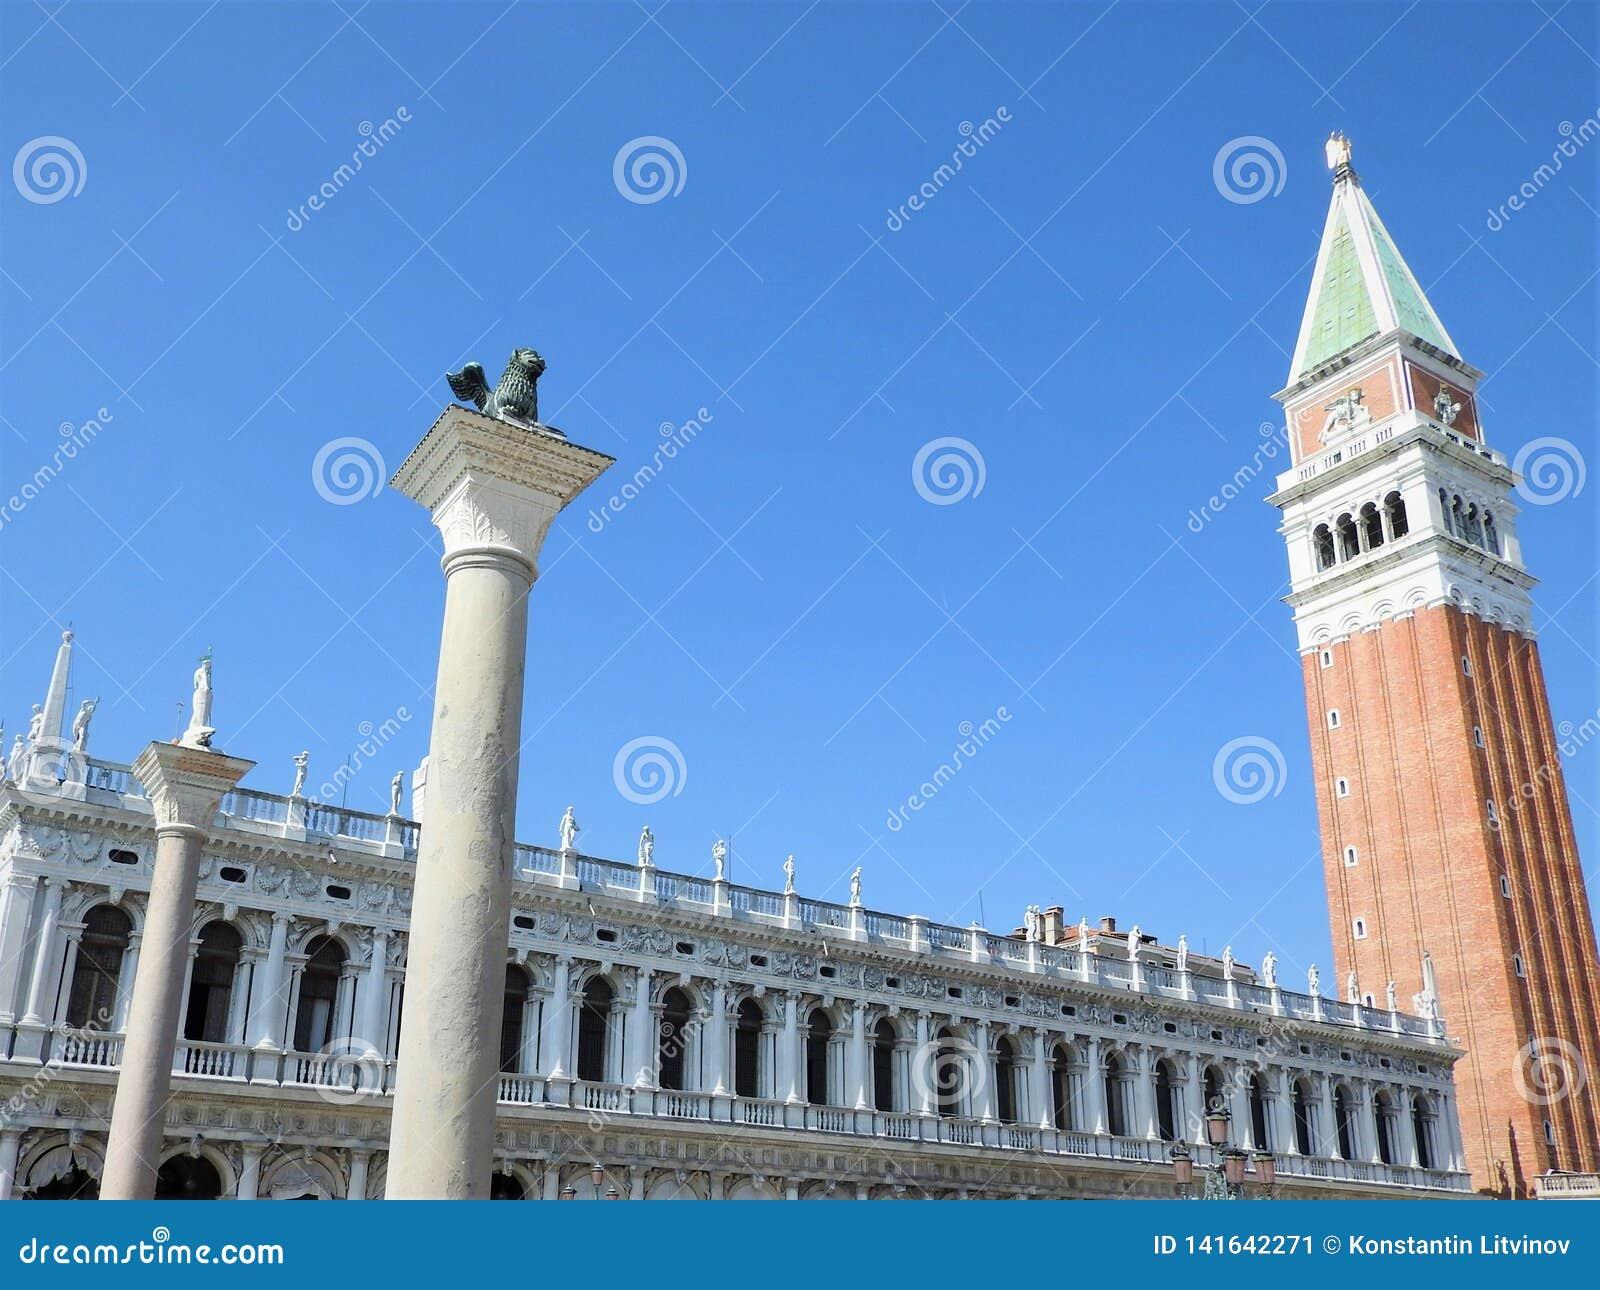 Uma vista exterior da arquitetura e dos marcos da cidade italiana de Veneza